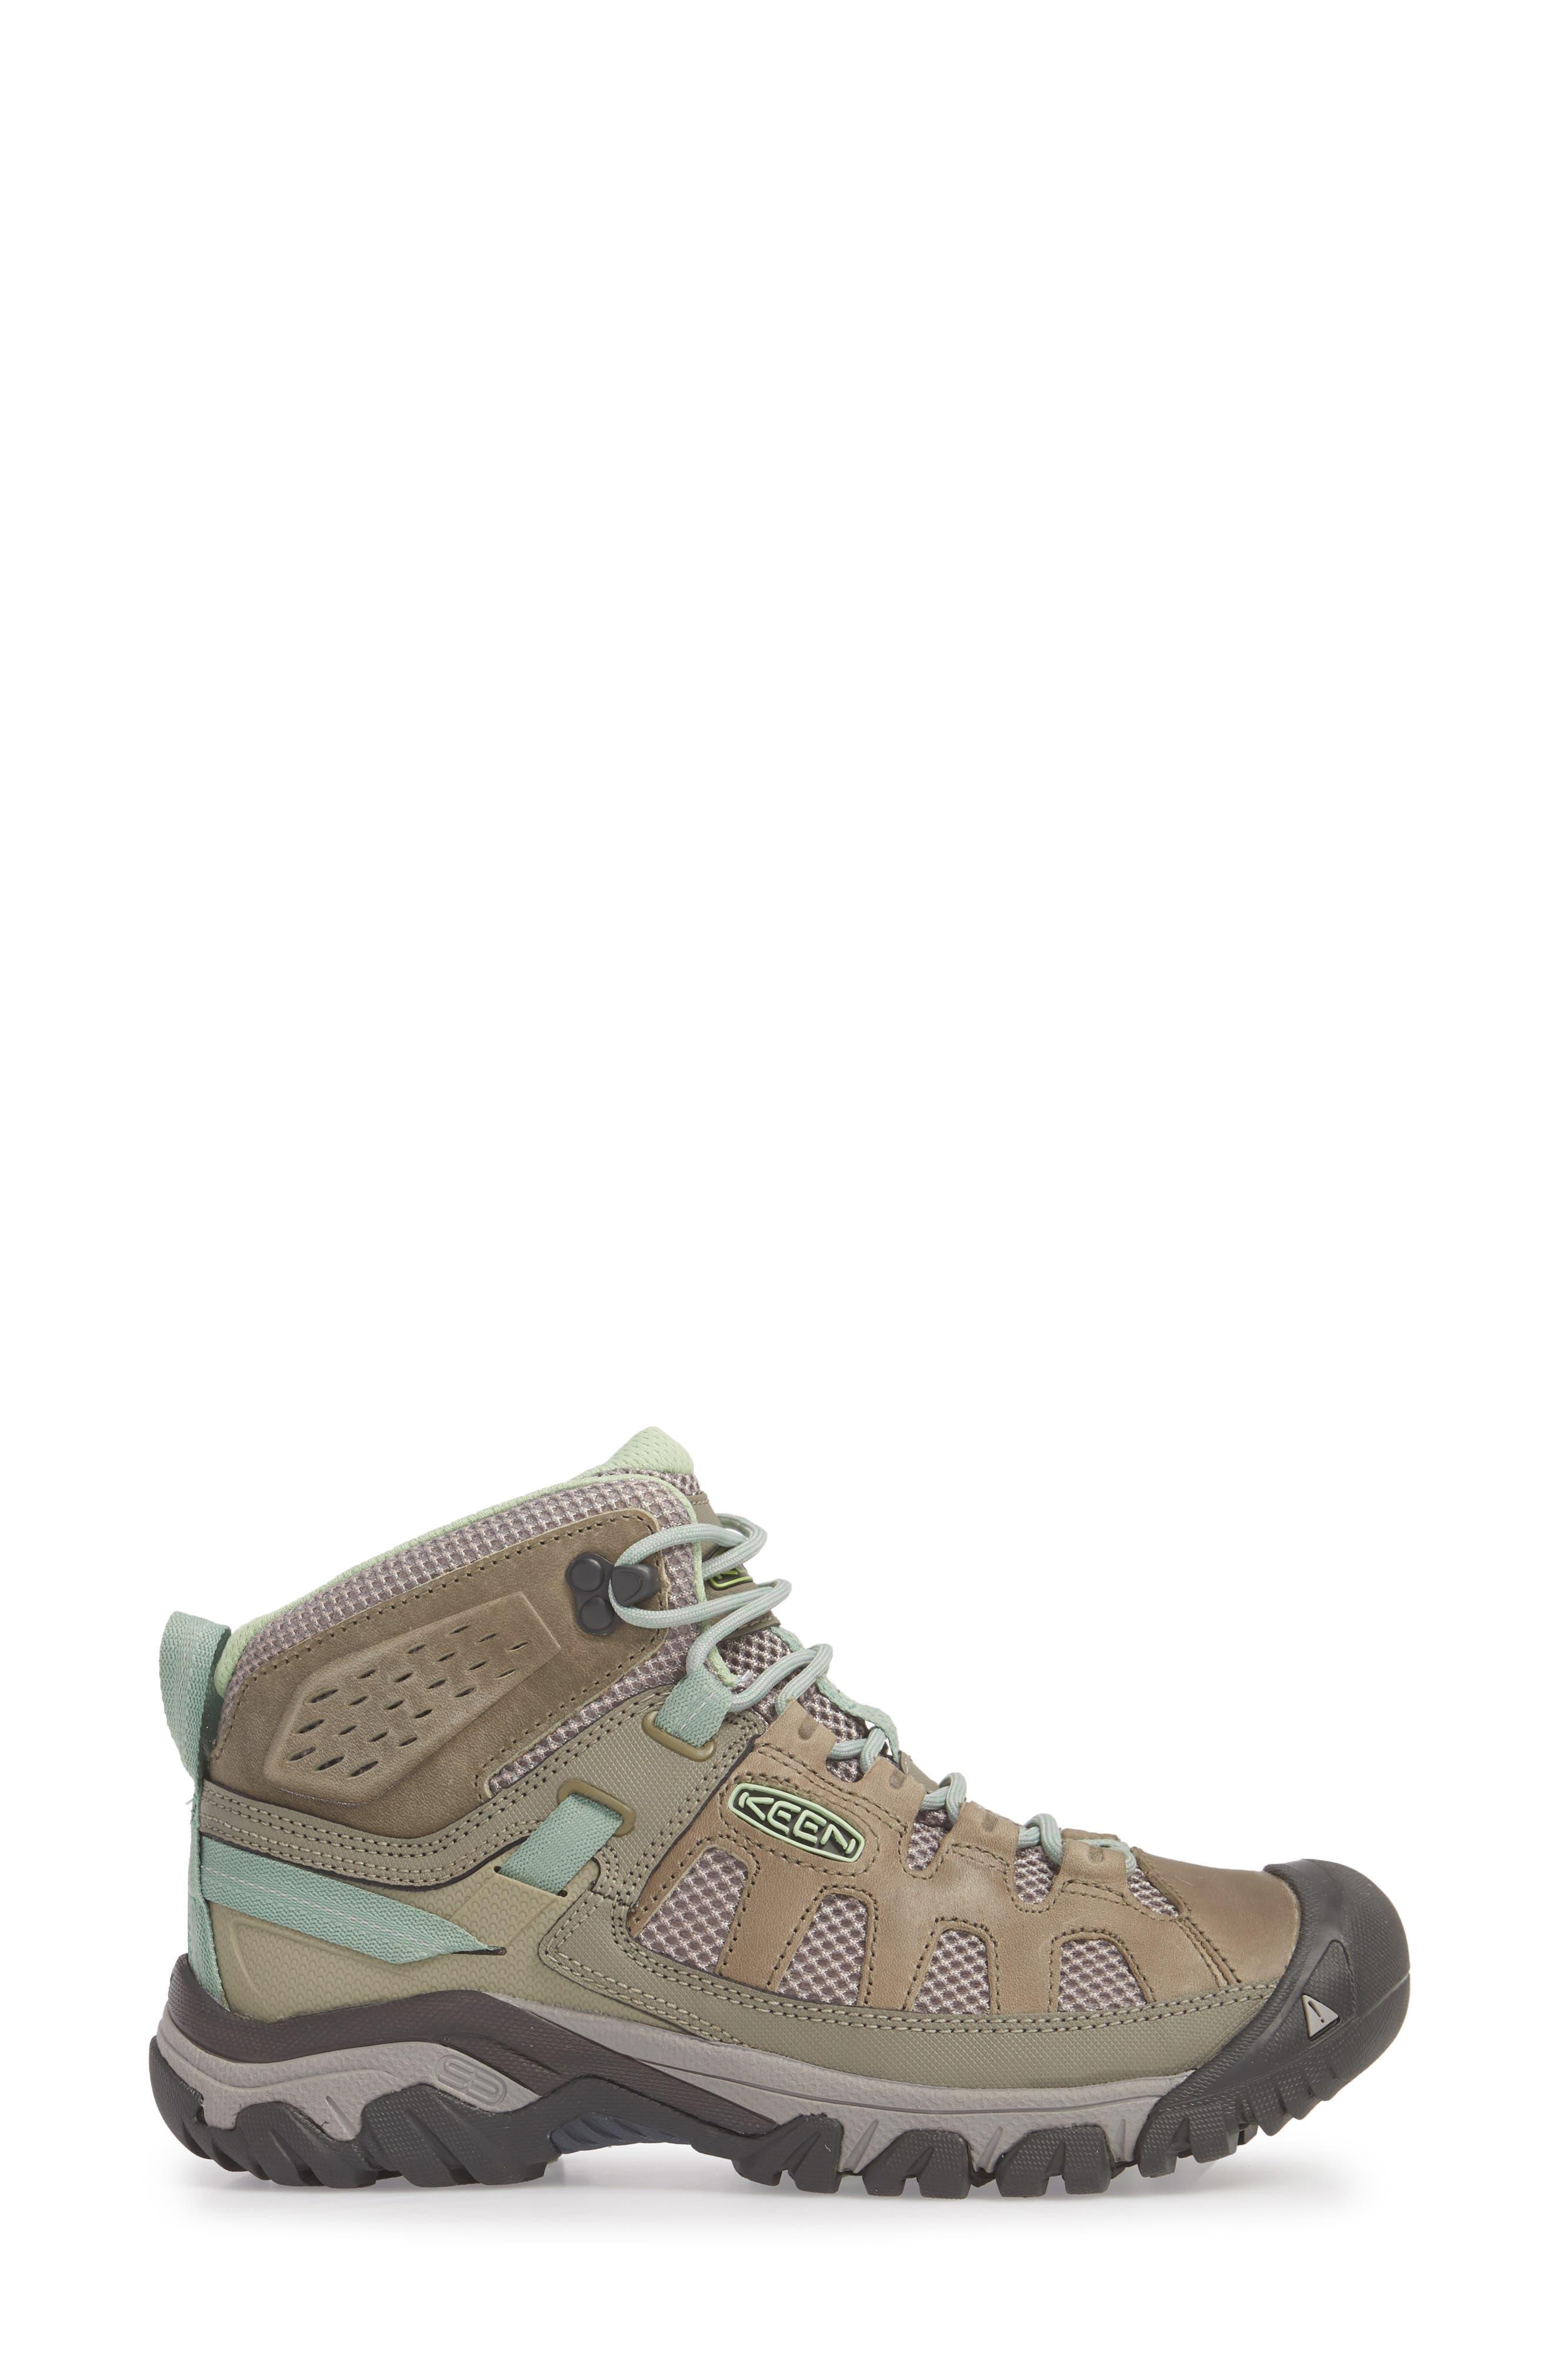 Targhee Vent Mid Hiking Shoe,                             Alternate thumbnail 3, color,                             200